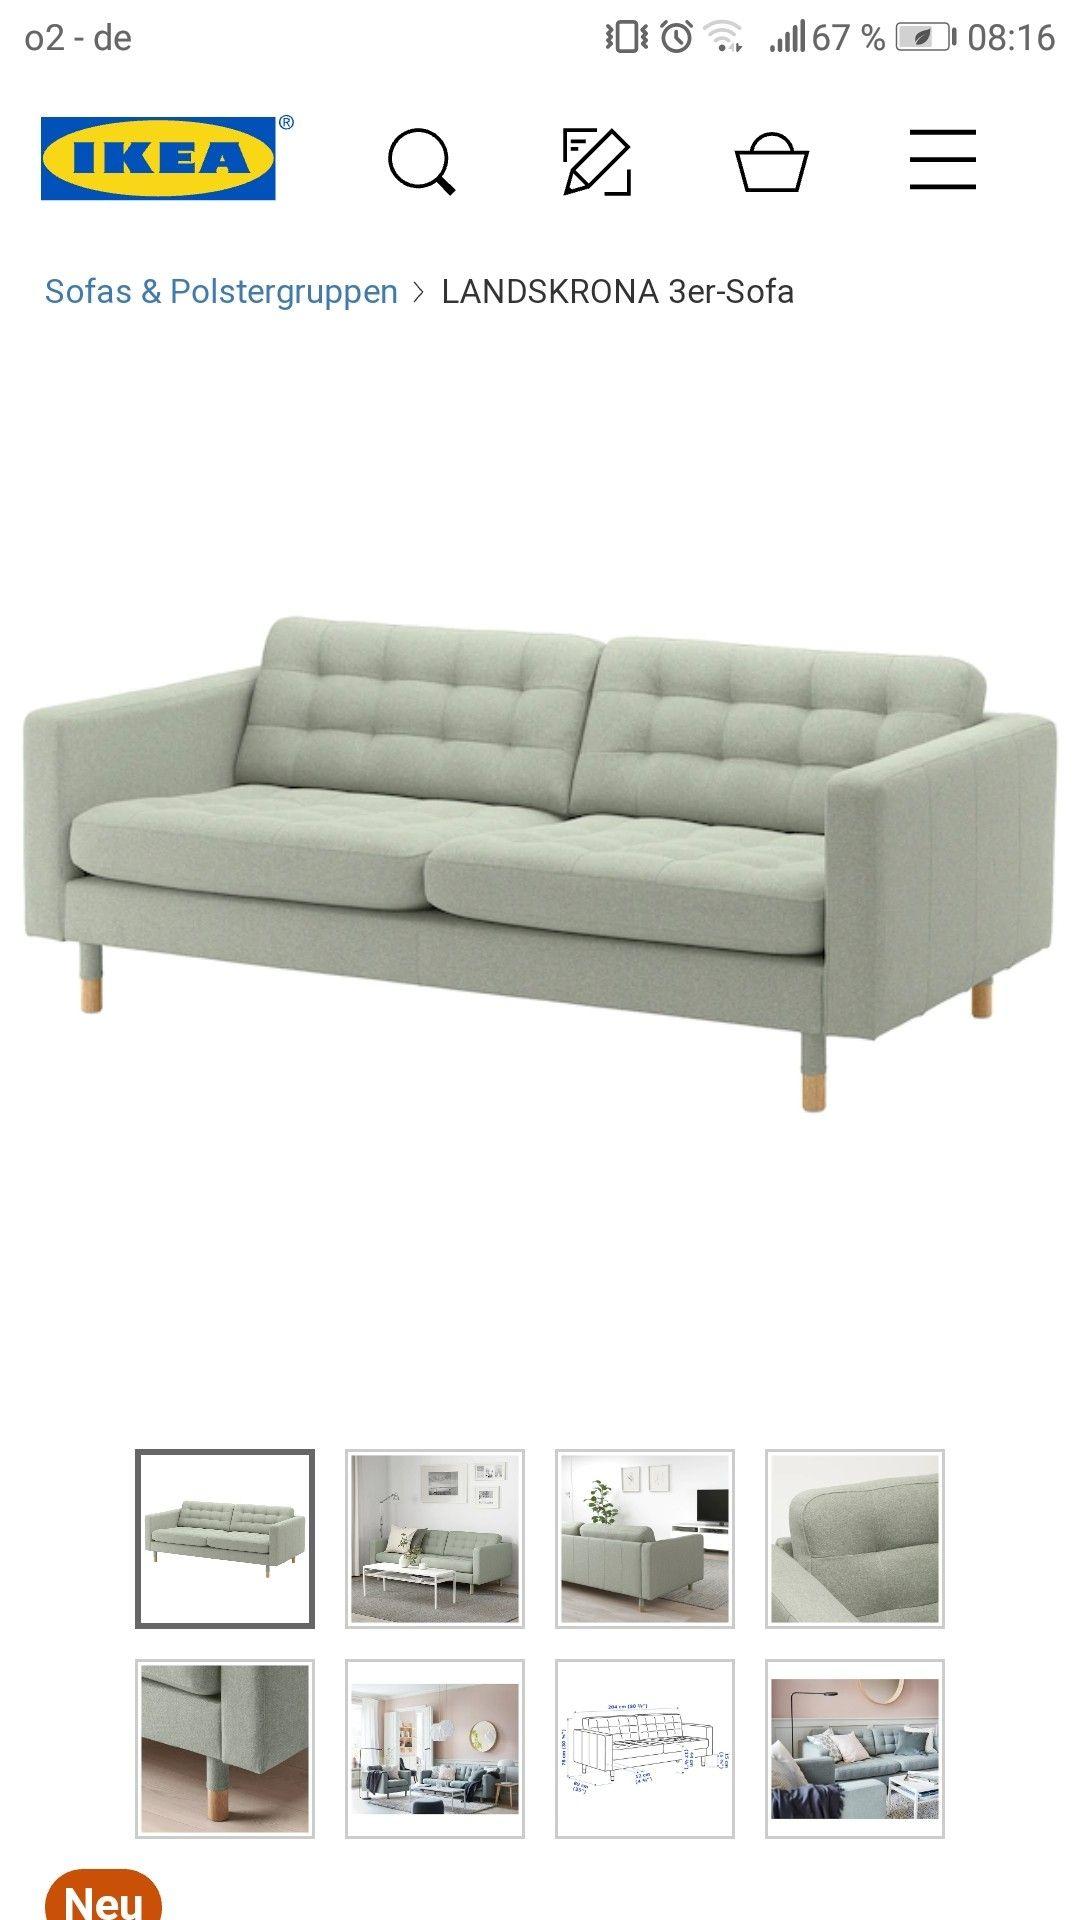 Pin Von Stefanie Dehmel Auf Sofa Ikea Sofas 3er Sofa